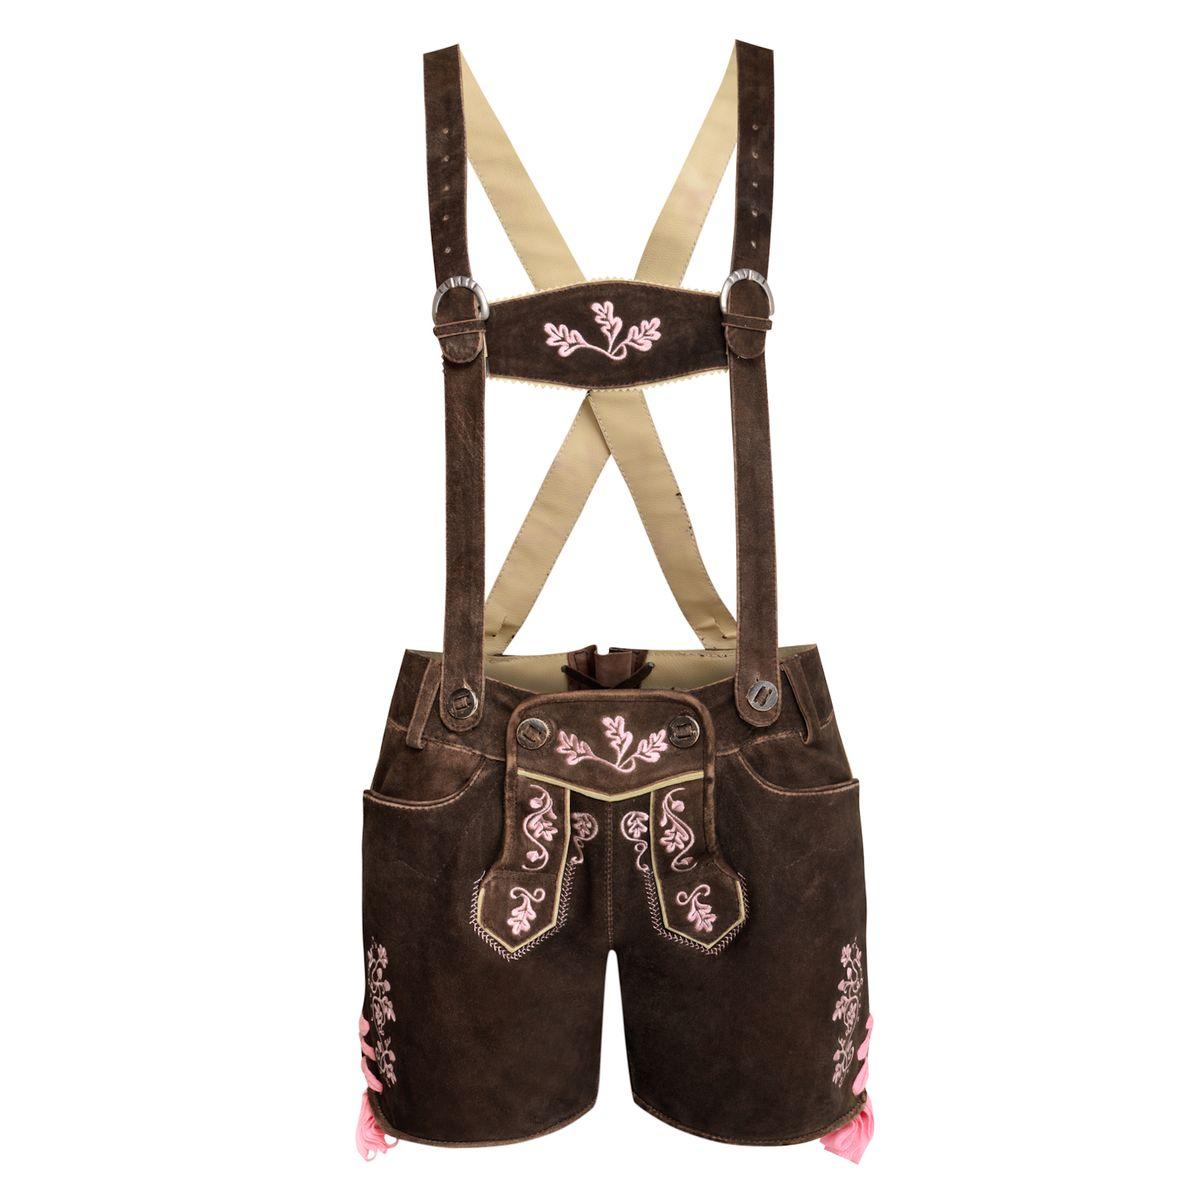 kurze Lederhose Sarah in Braun von Almsach günstig online kaufen